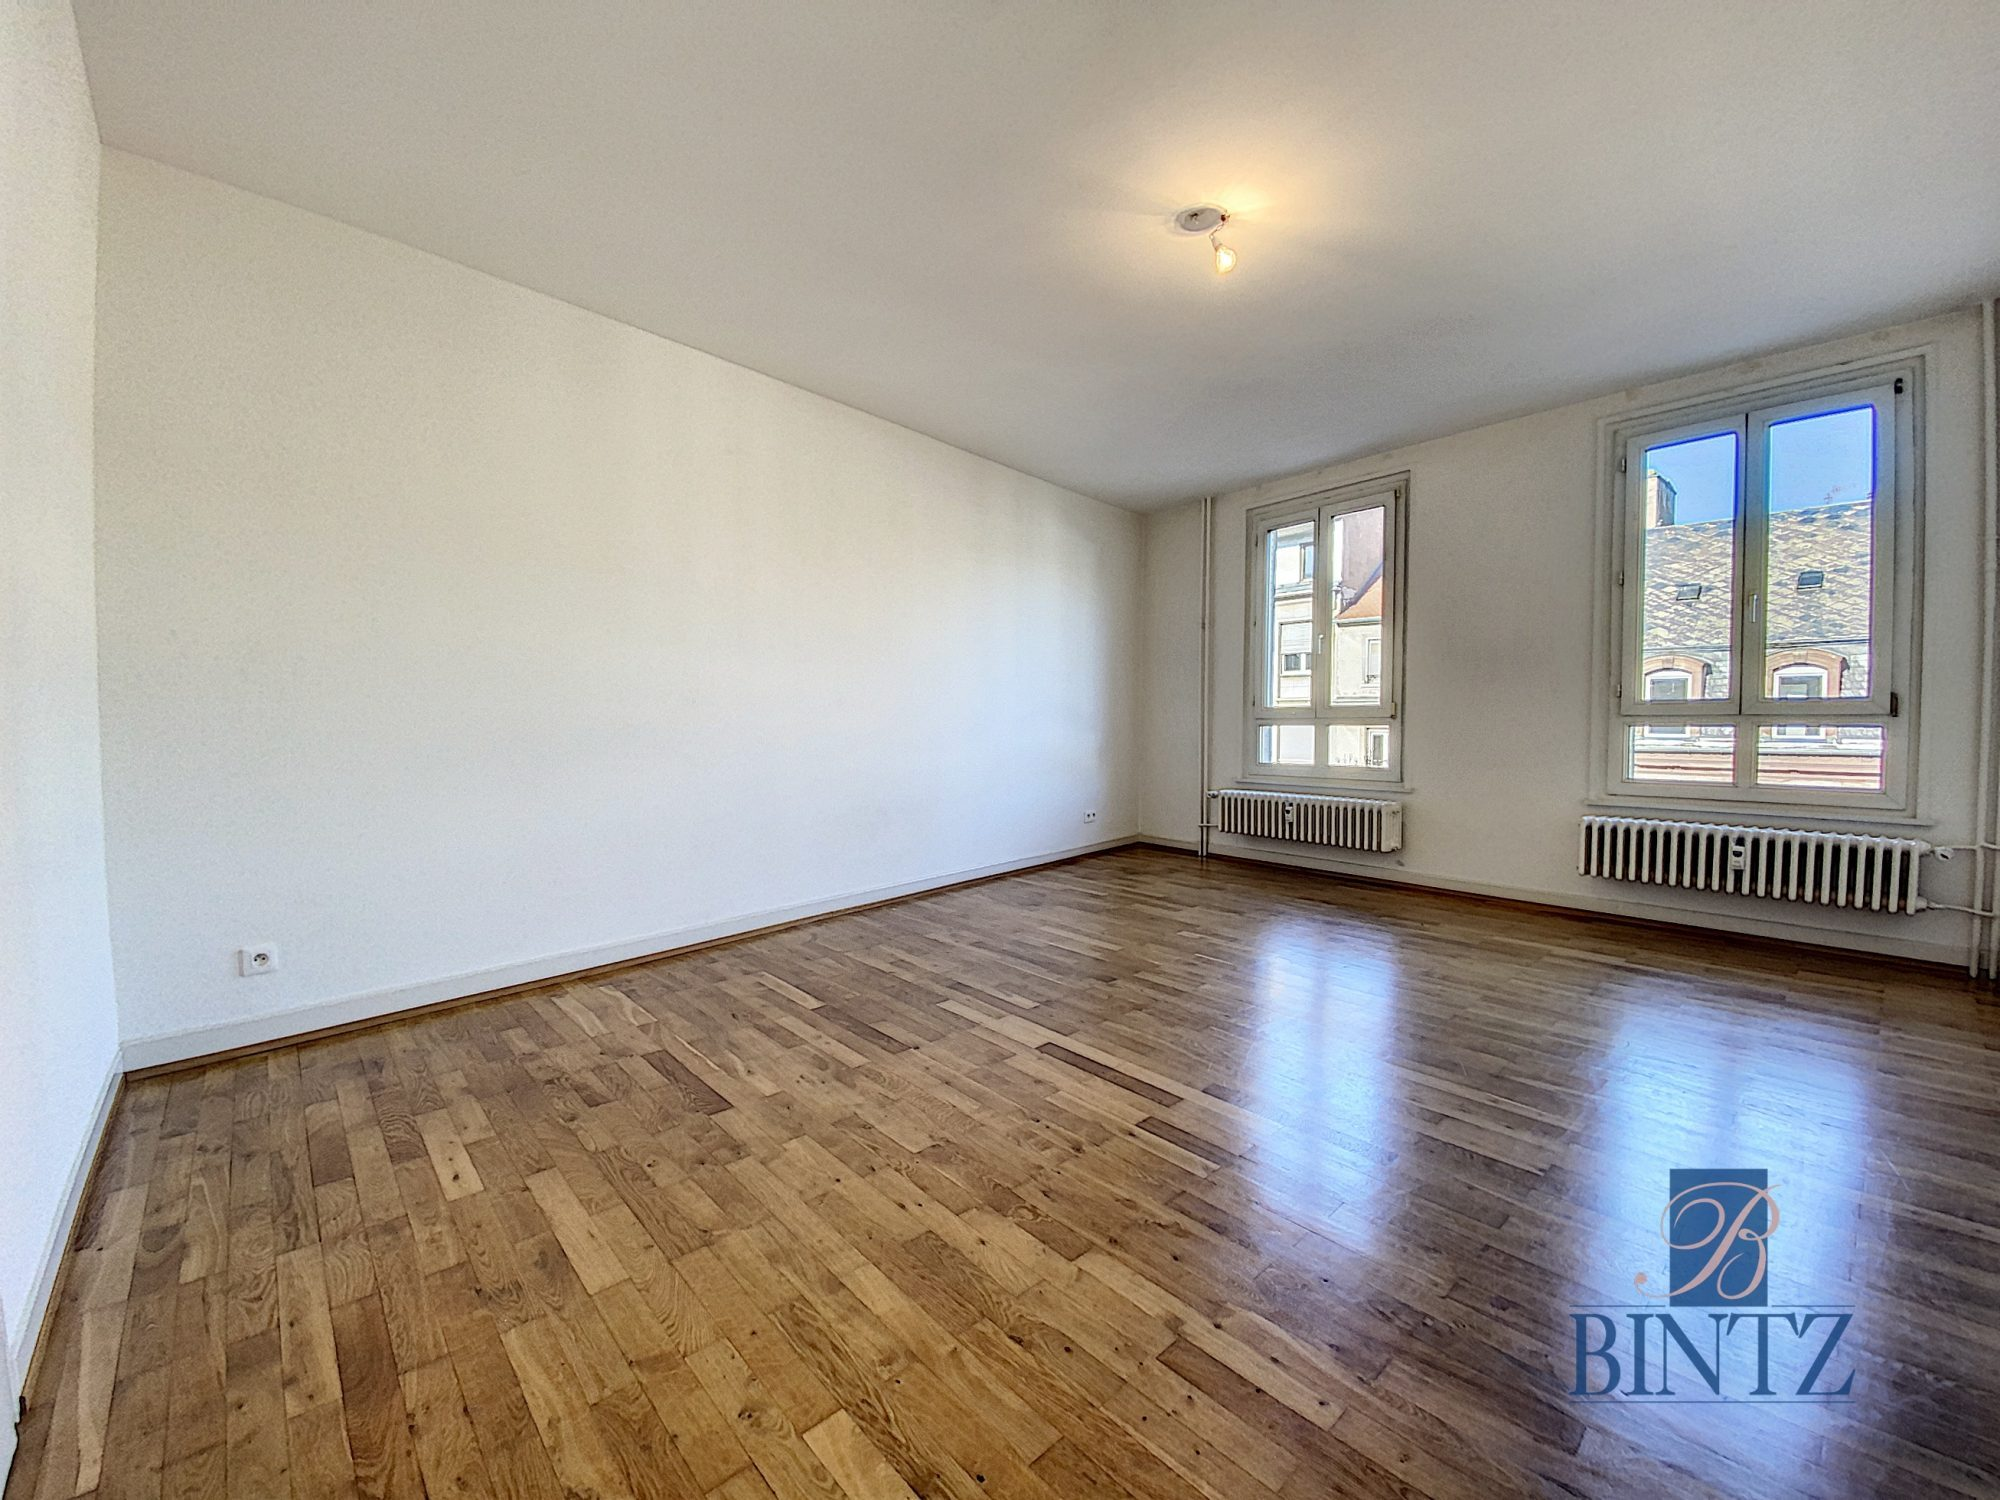 Grand 3 pièces HYPERCENTRE - Devenez locataire en toute sérénité - Bintz Immobilier - 5